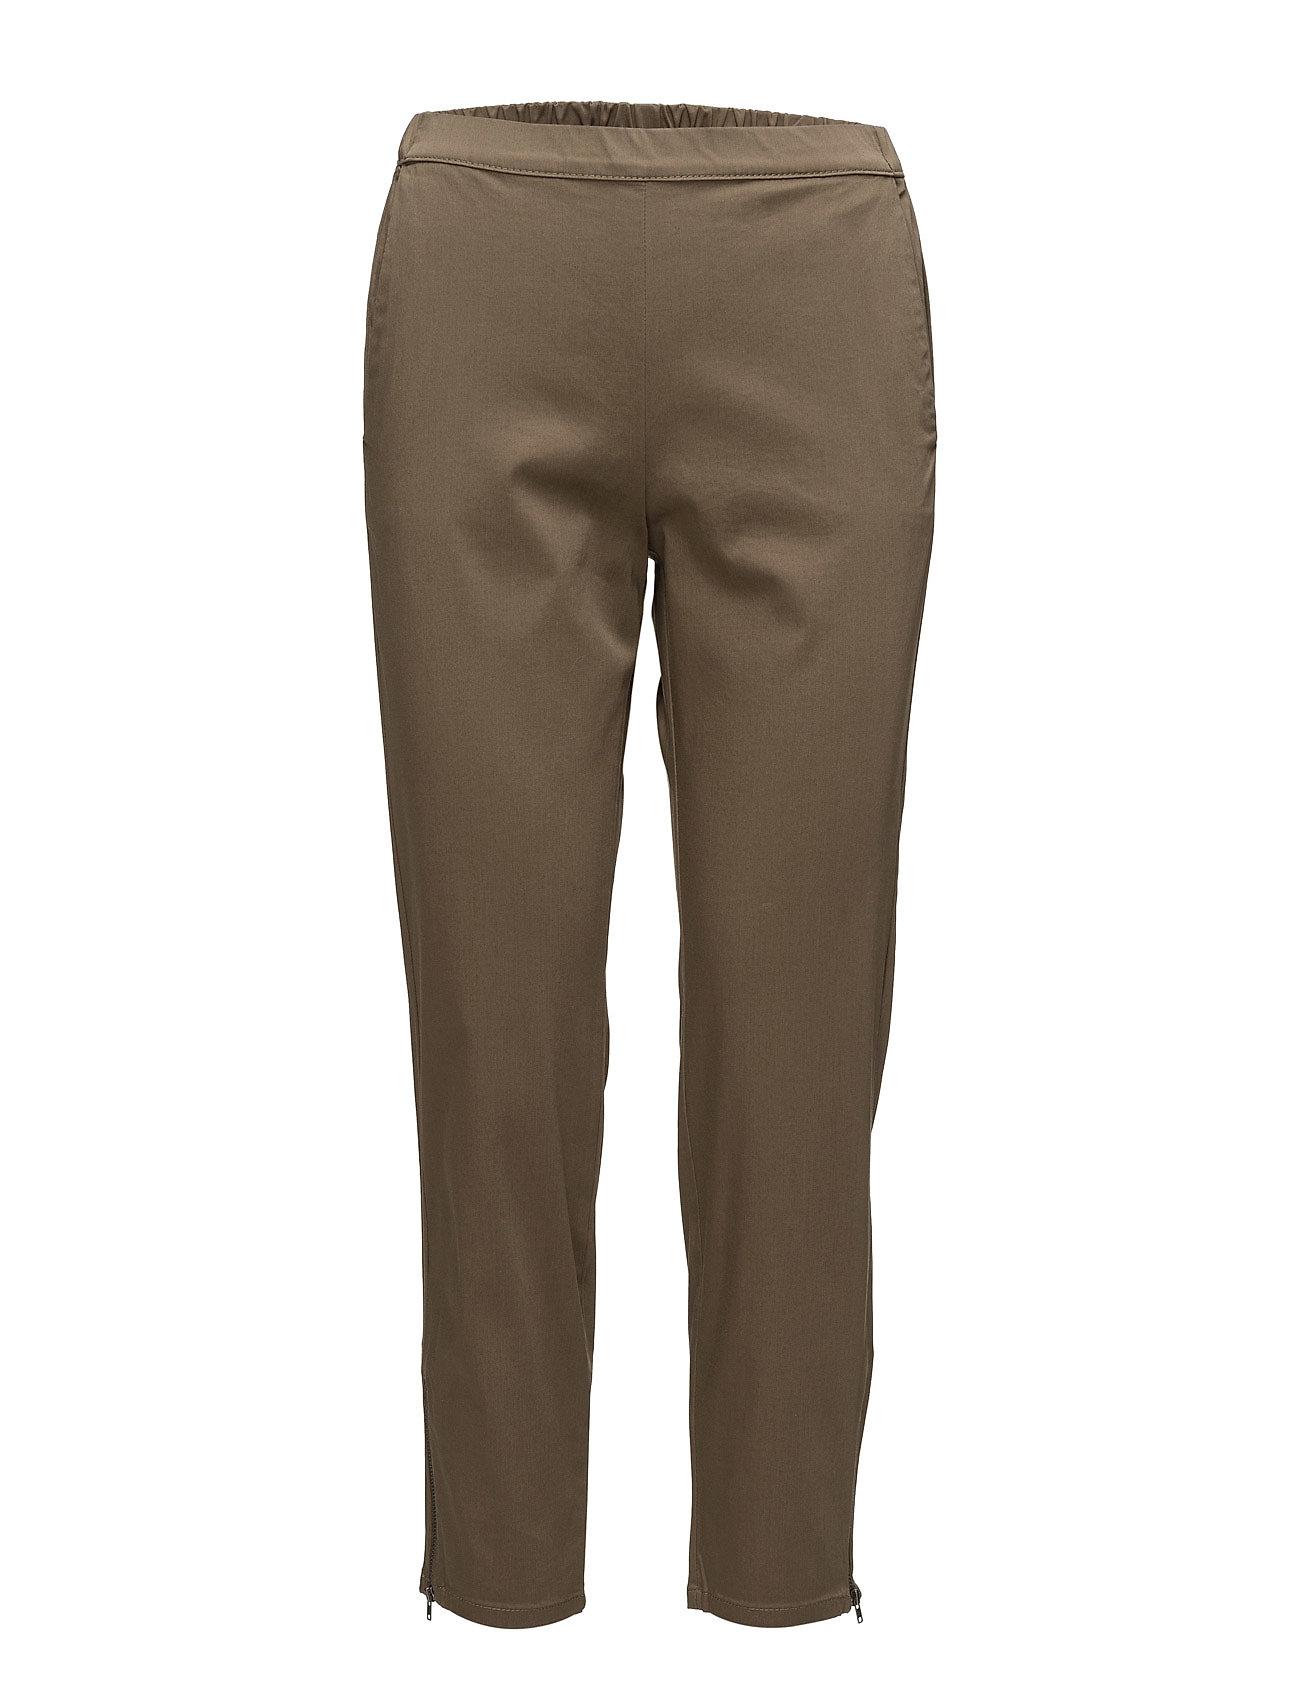 9aa5e8b49b5d Bestil Padme Trousers Ew Basic Masai Bukser i Oliven til Kvinder i en  online fashion store